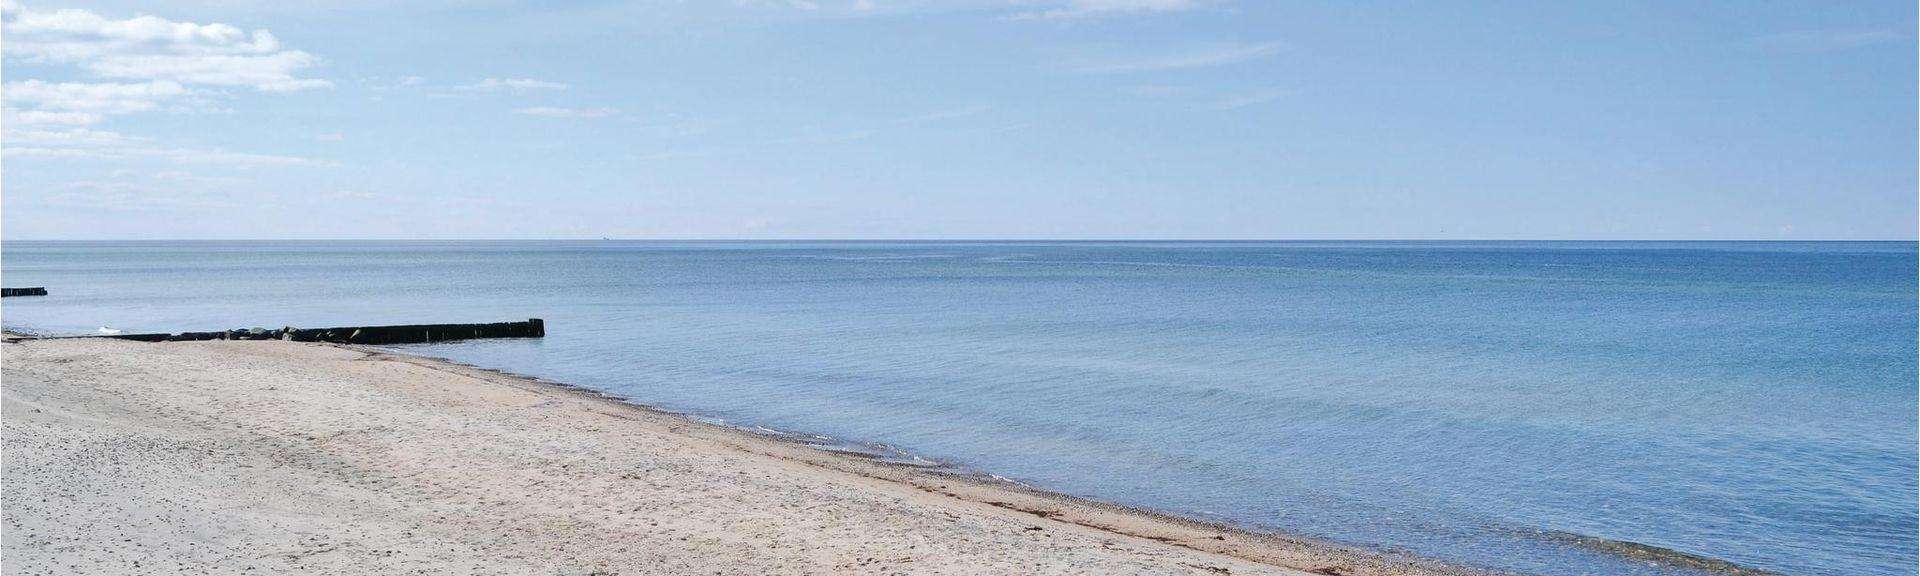 Smidstrup strand, Gilleleje, Danmark